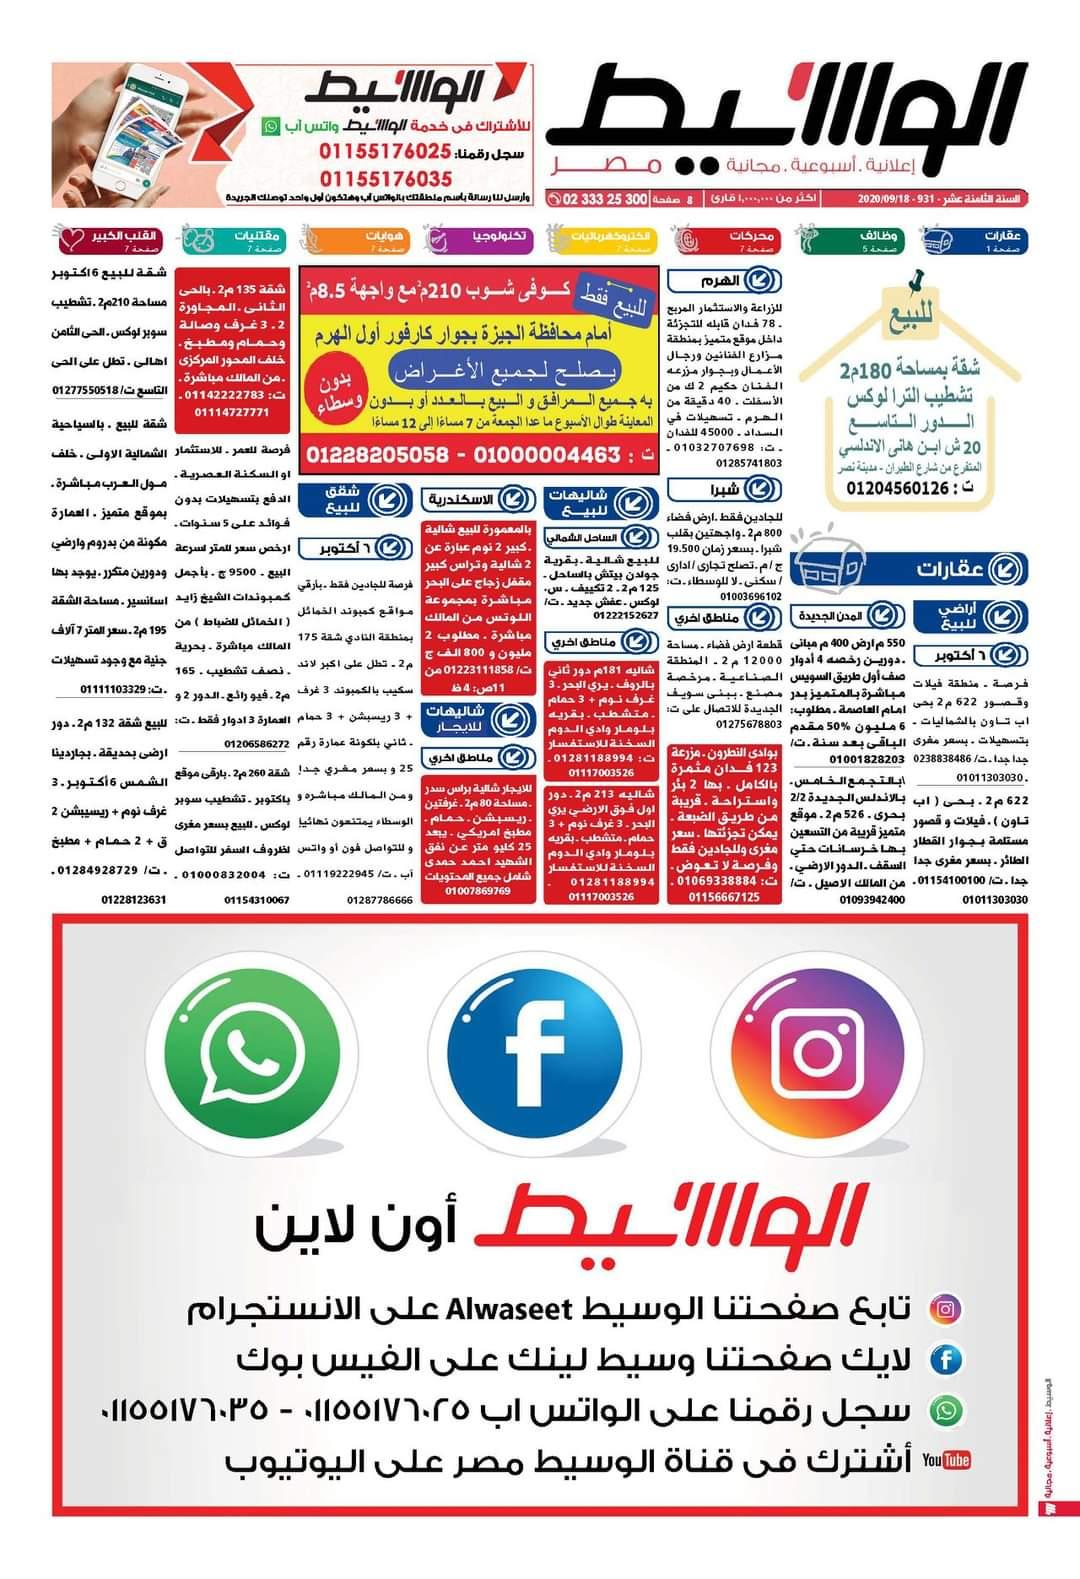 وظائف الوسيط و اعلانات وسيط الجمعه